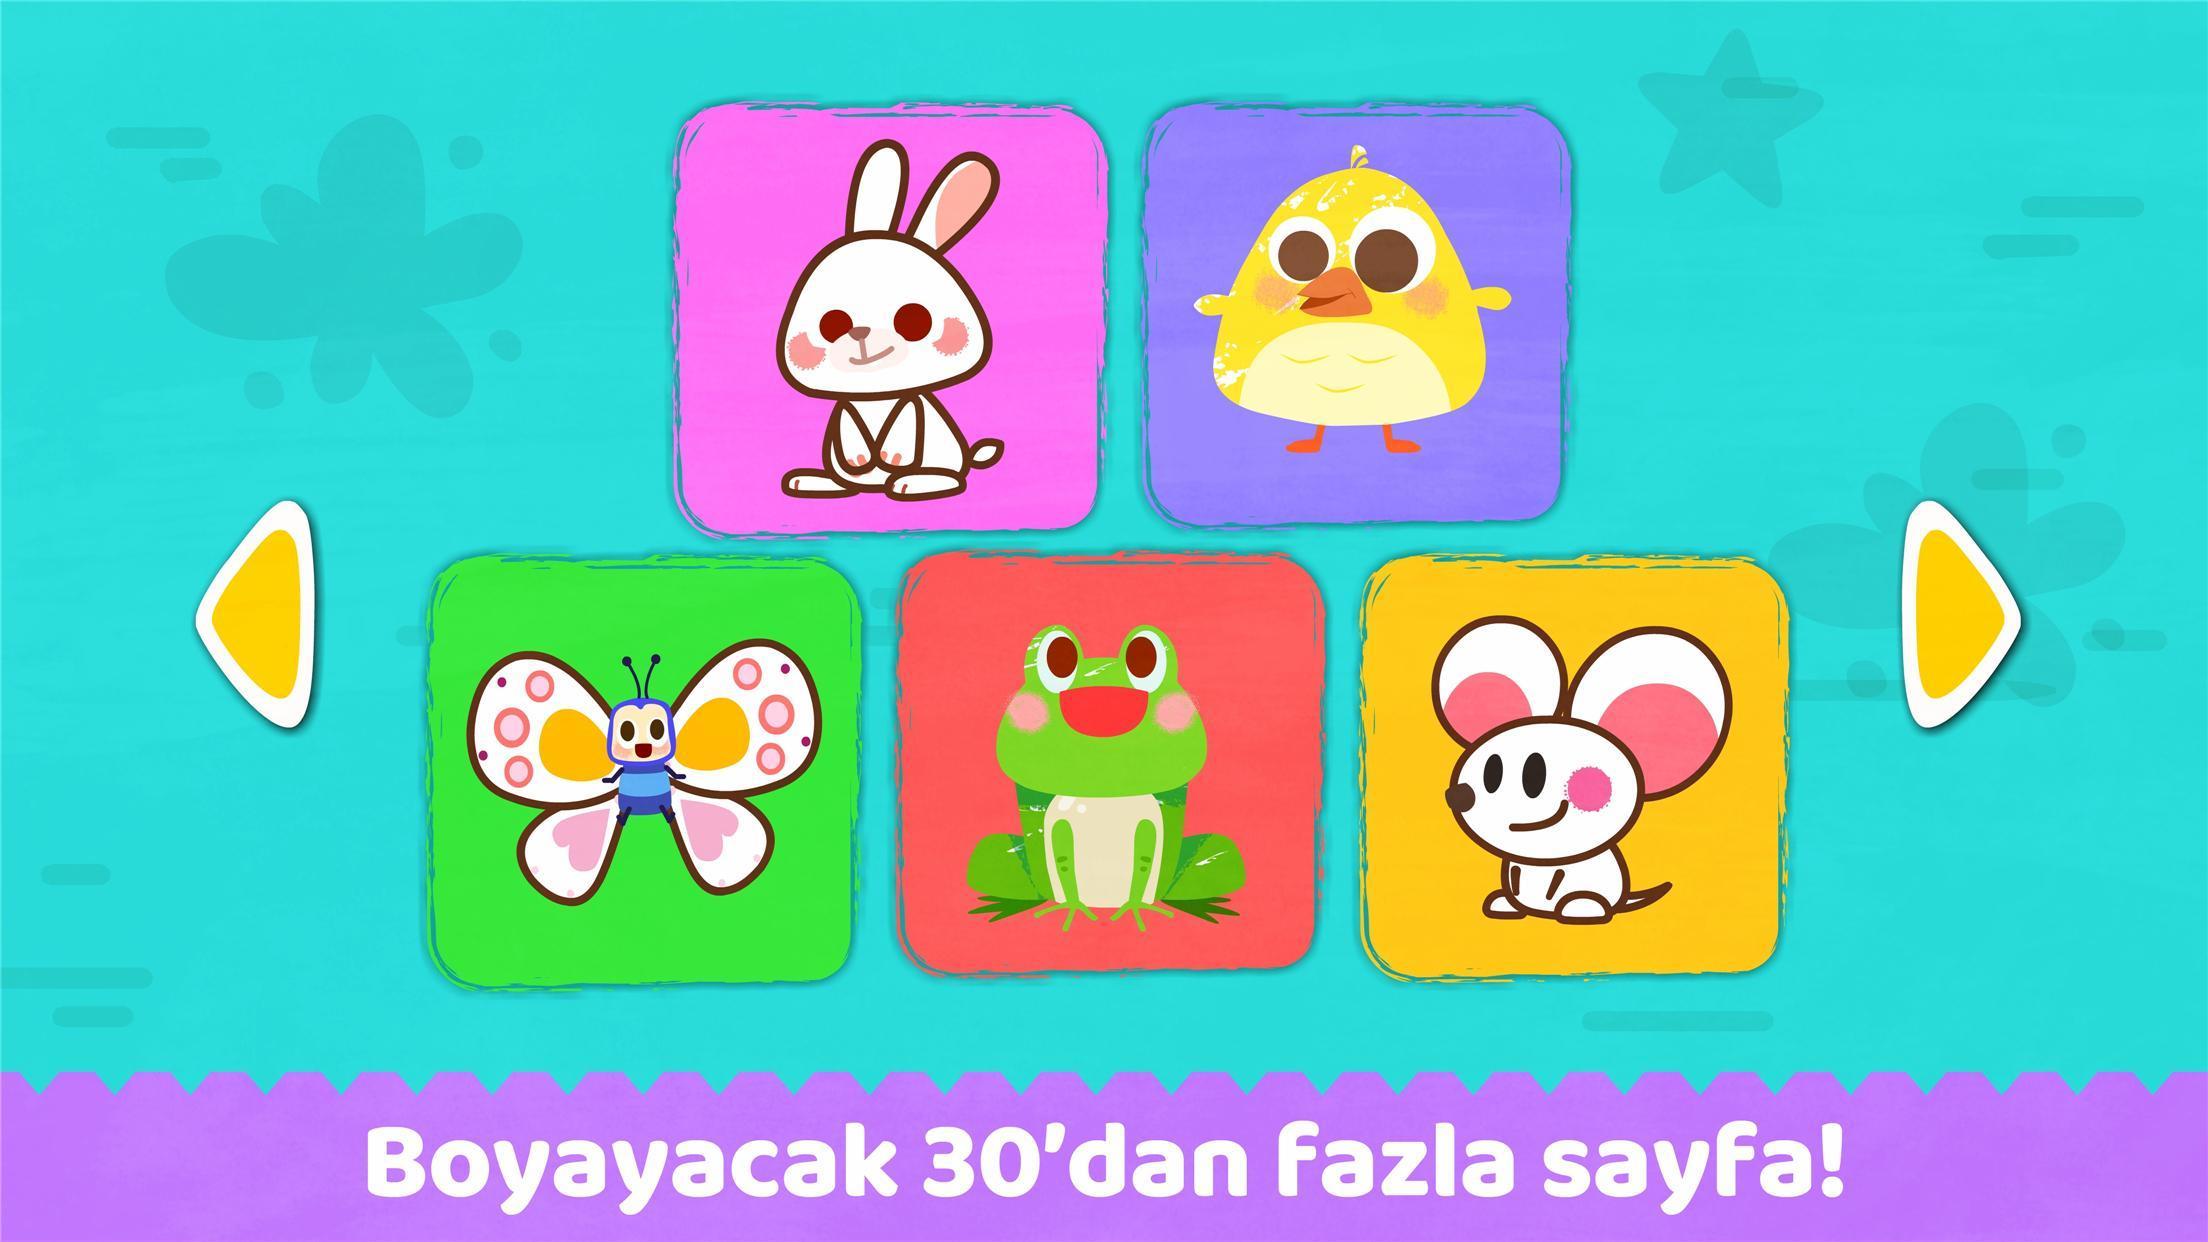 Android Icin Bebek Panda Nin Boyama Kitabi Apk Yi Indir